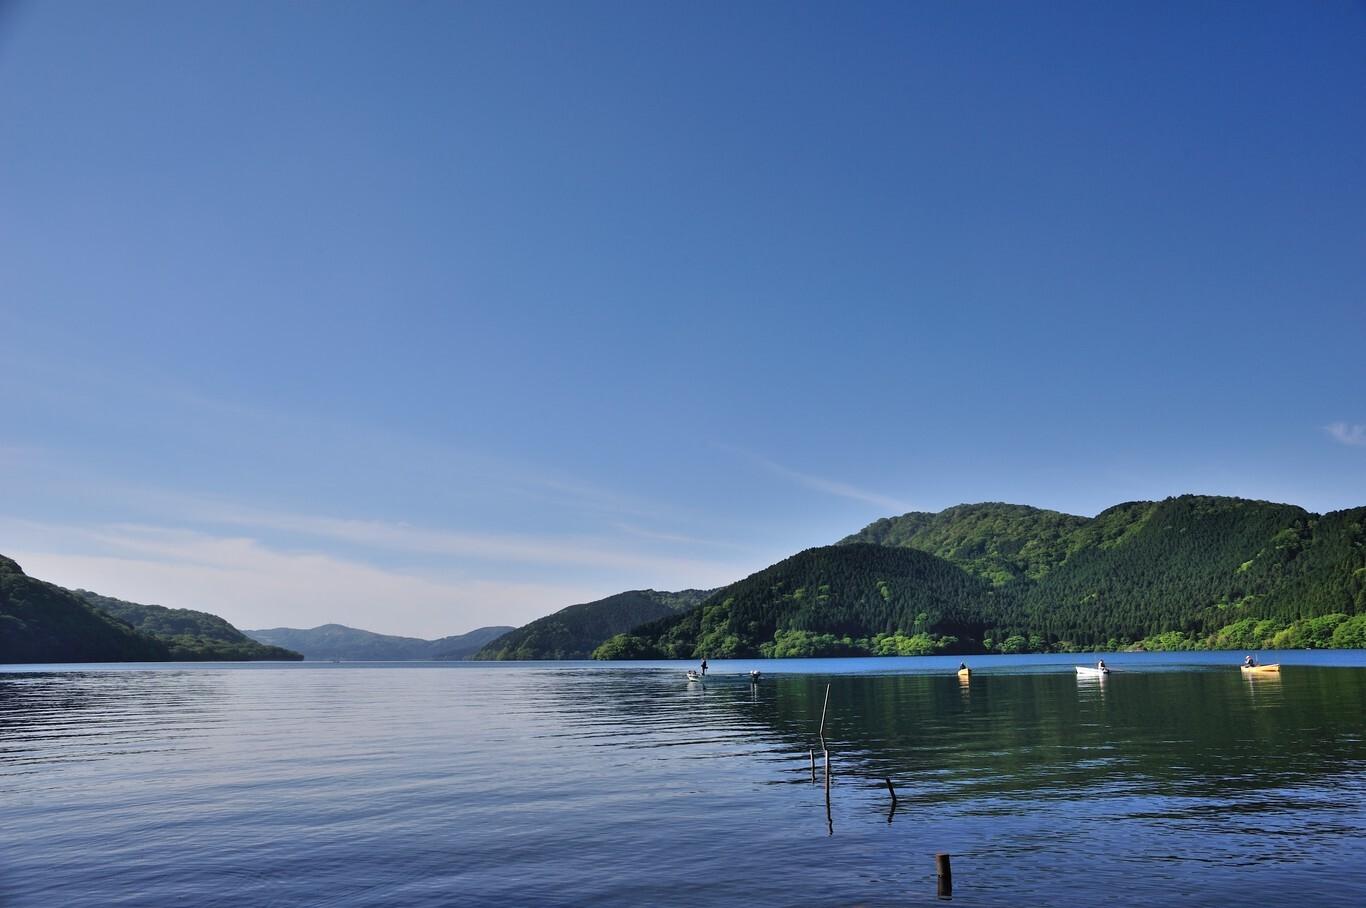 芦ノ湖キャンプ村 レイクサイドヴィラ の公式写真c16701